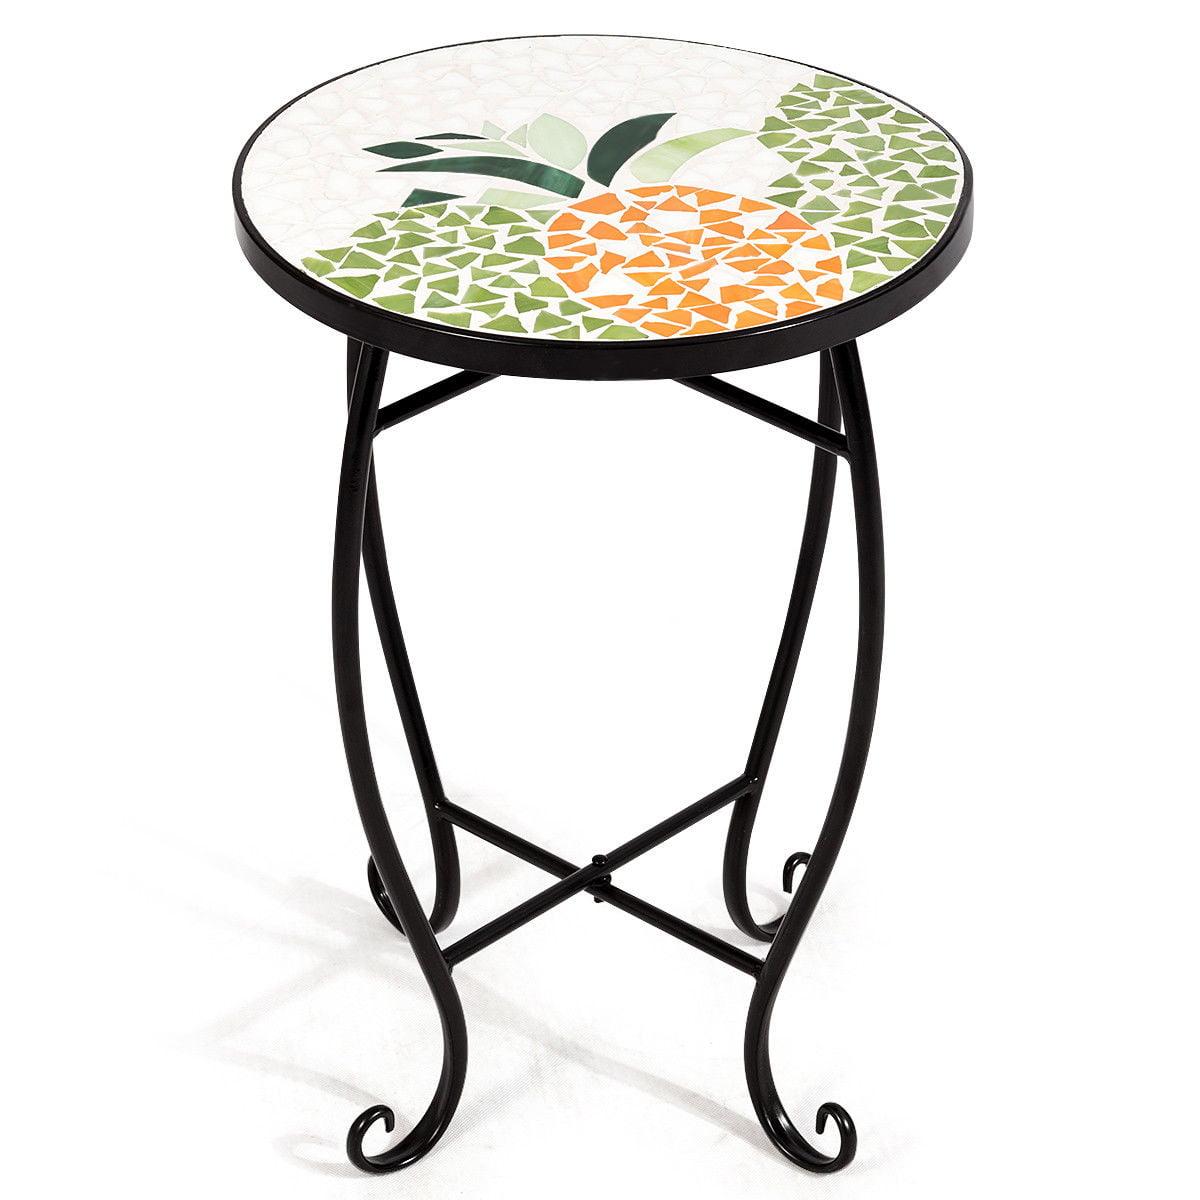 Costway Pineapple Outdoor Indoor Accent Table Plant Stand Scheme Garden Steel by Costway